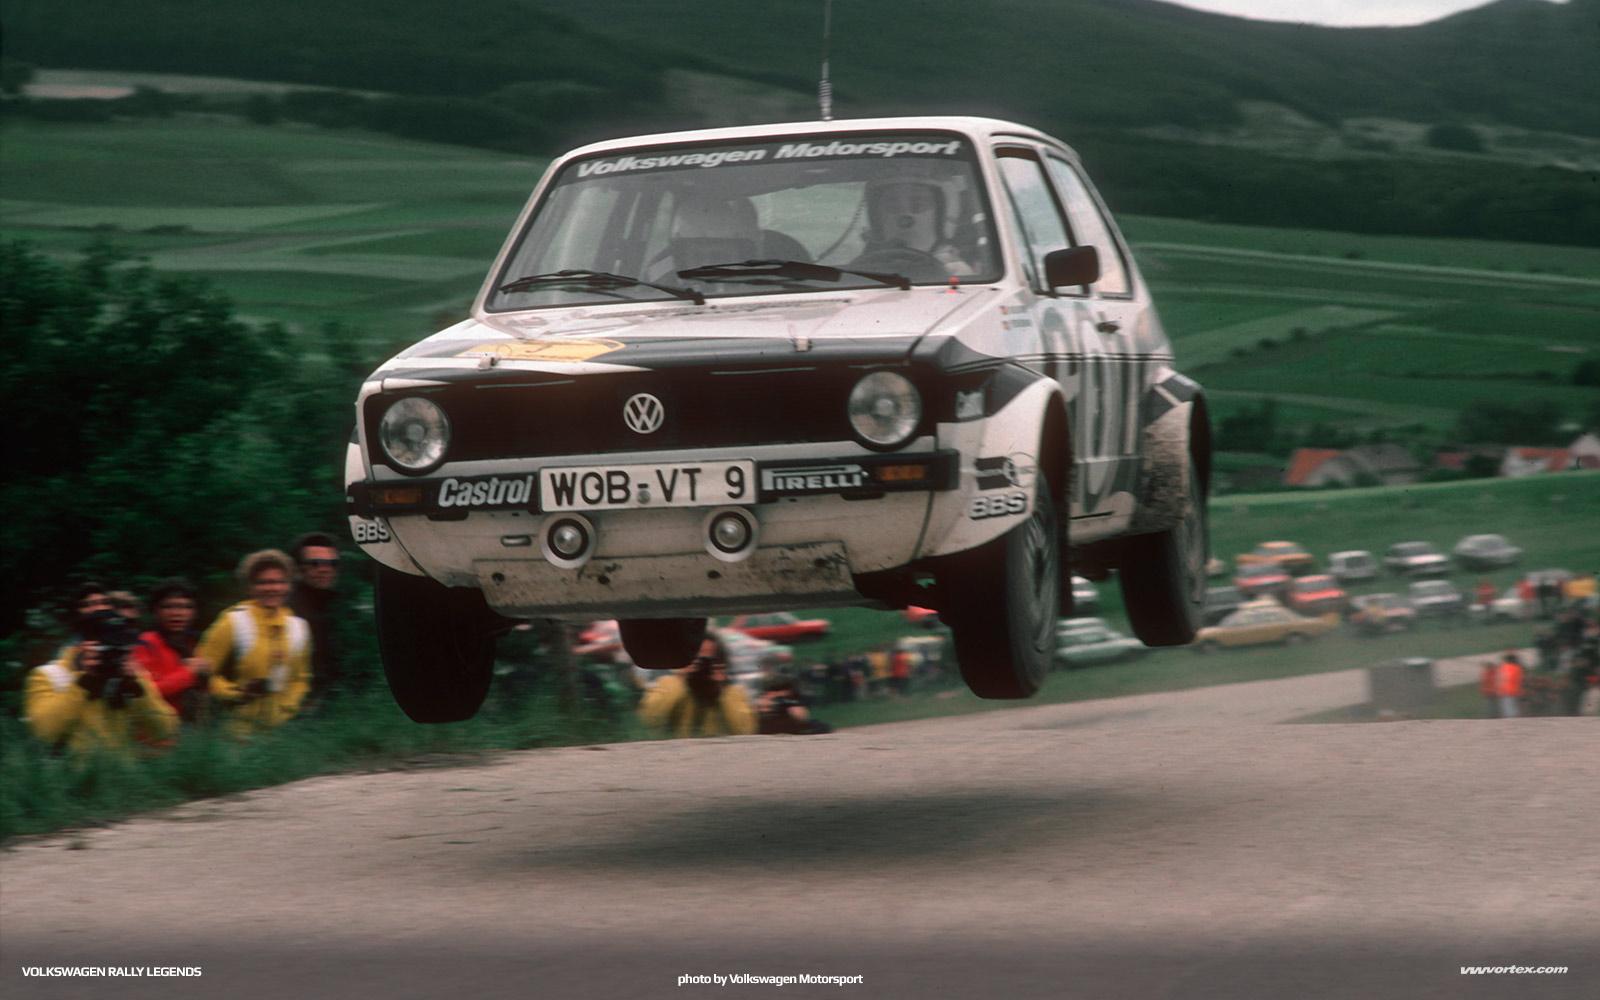 volkswagen-rally-legends-403